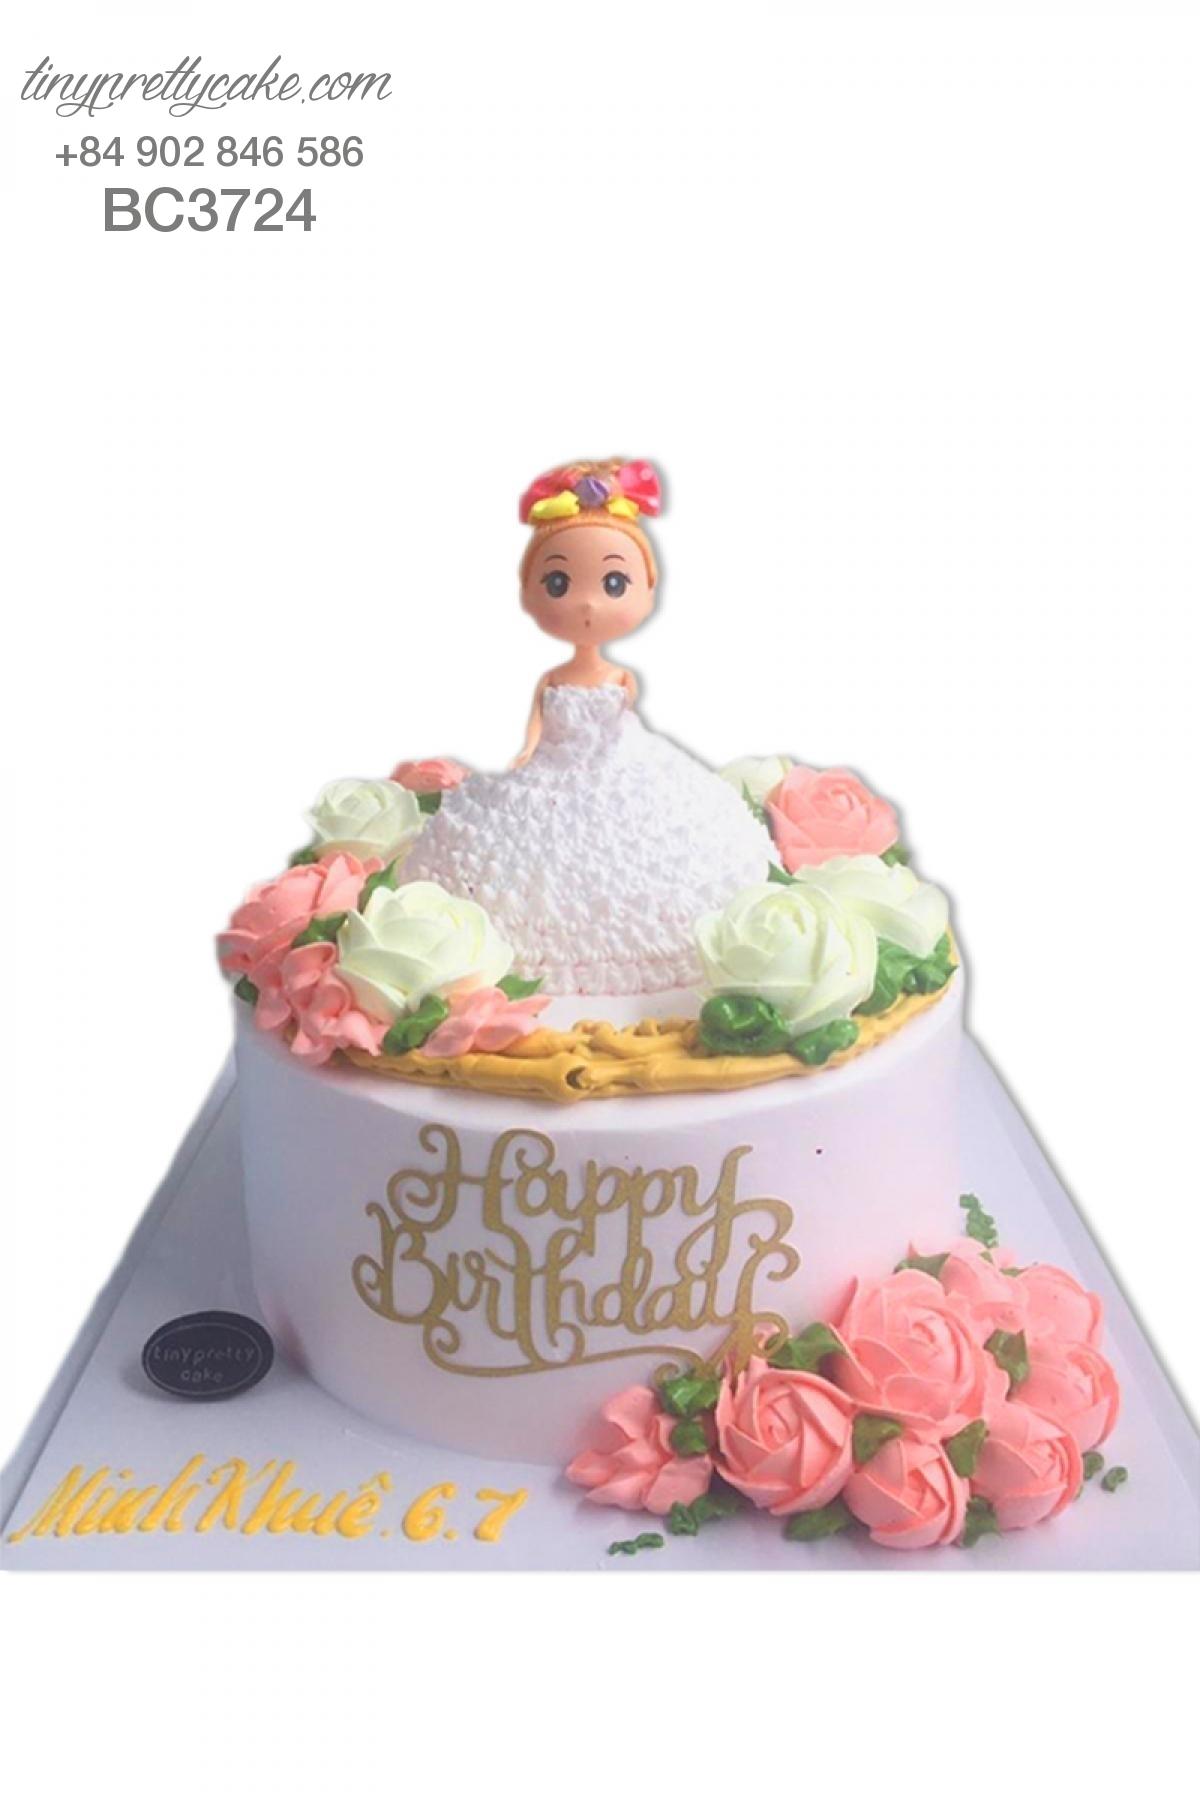 Bánh sinh nhật công chúa điệu đà - mừng thôi nôi cho bé gái (BC3724)